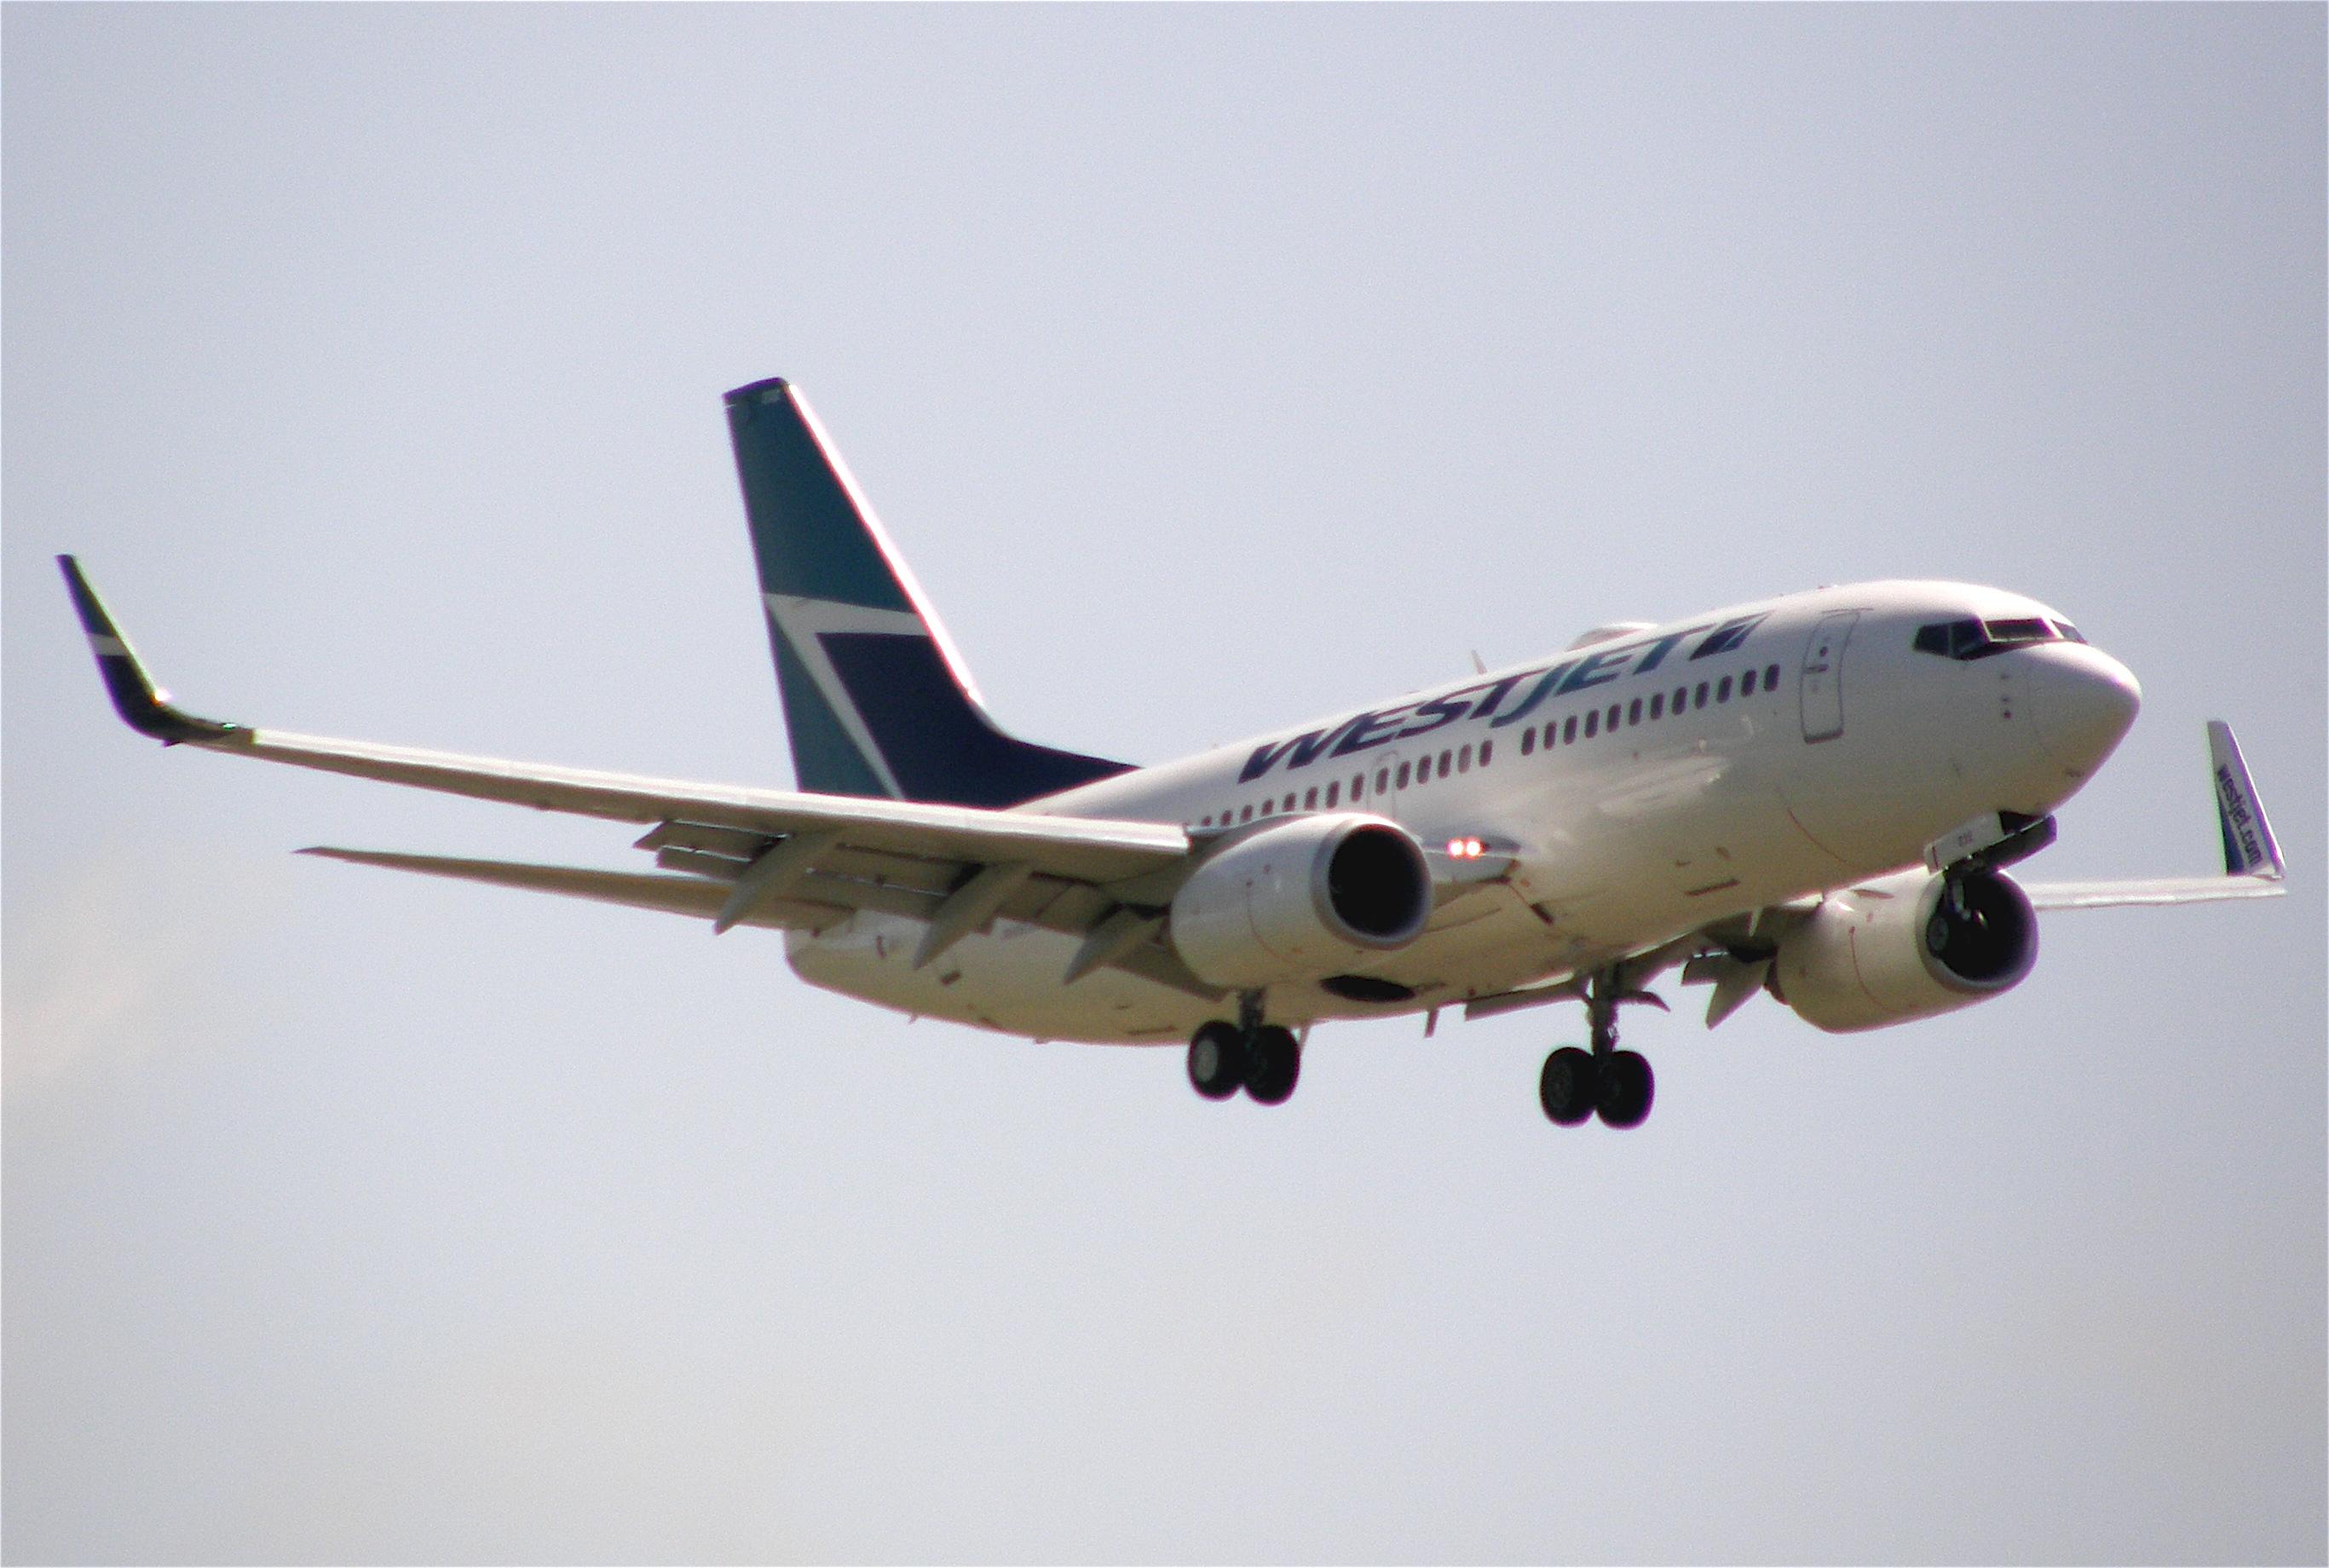 File:WestJet-Boeing-737-YVR.jpg - Wikimedia Commons